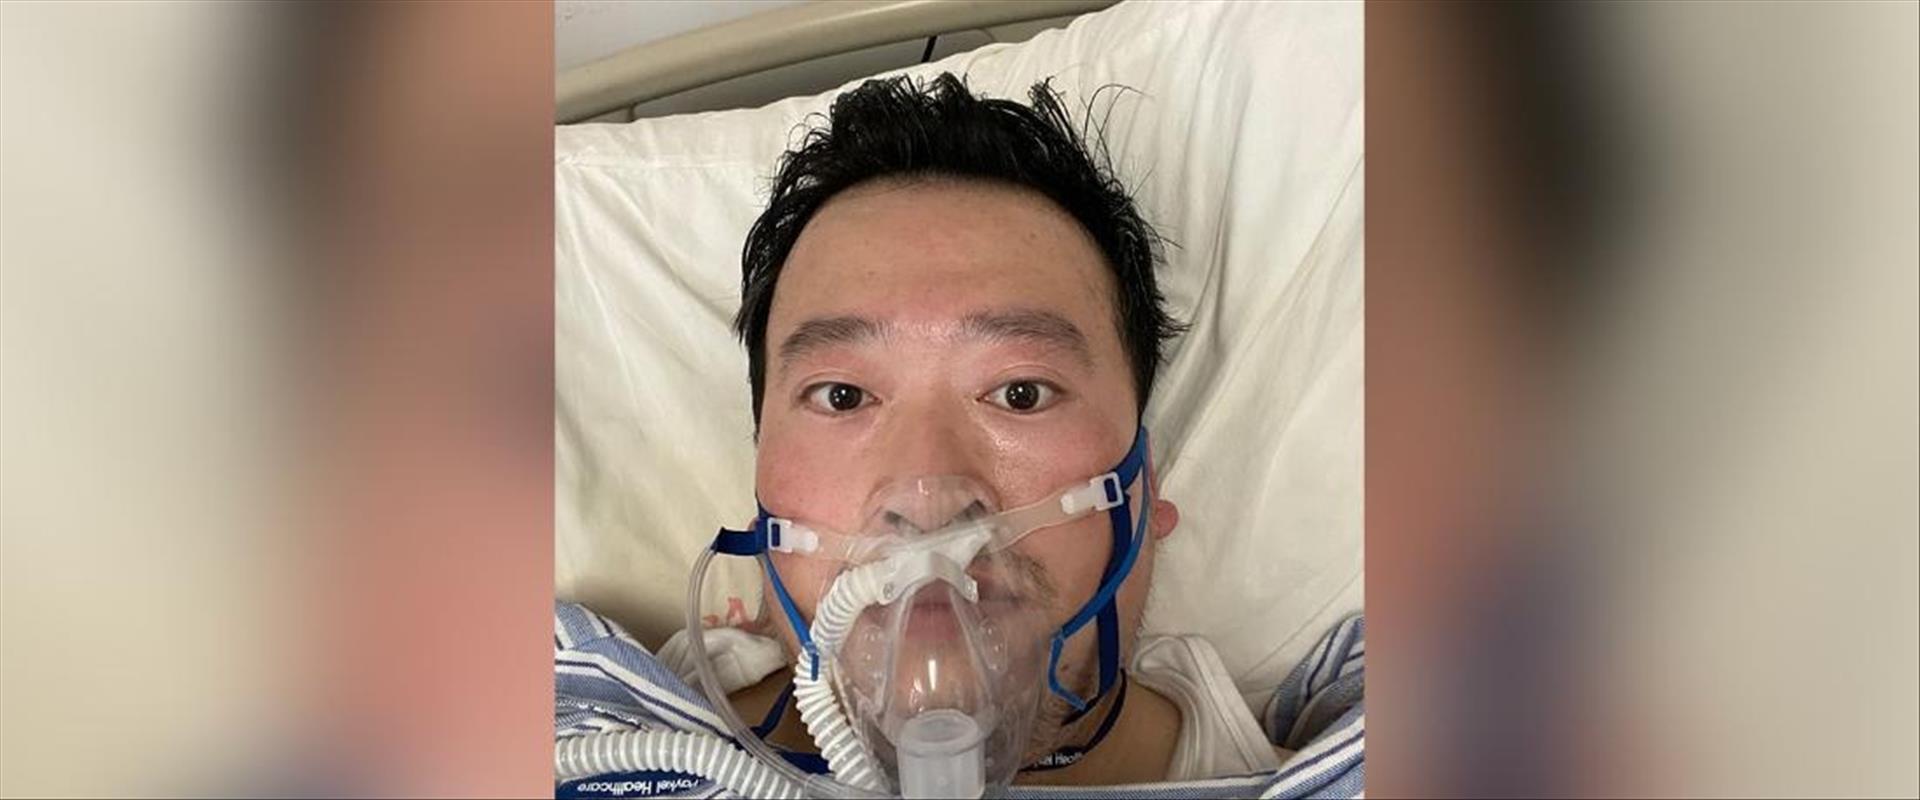 הרופא שניסה להזהיר את עמיתיו בסין